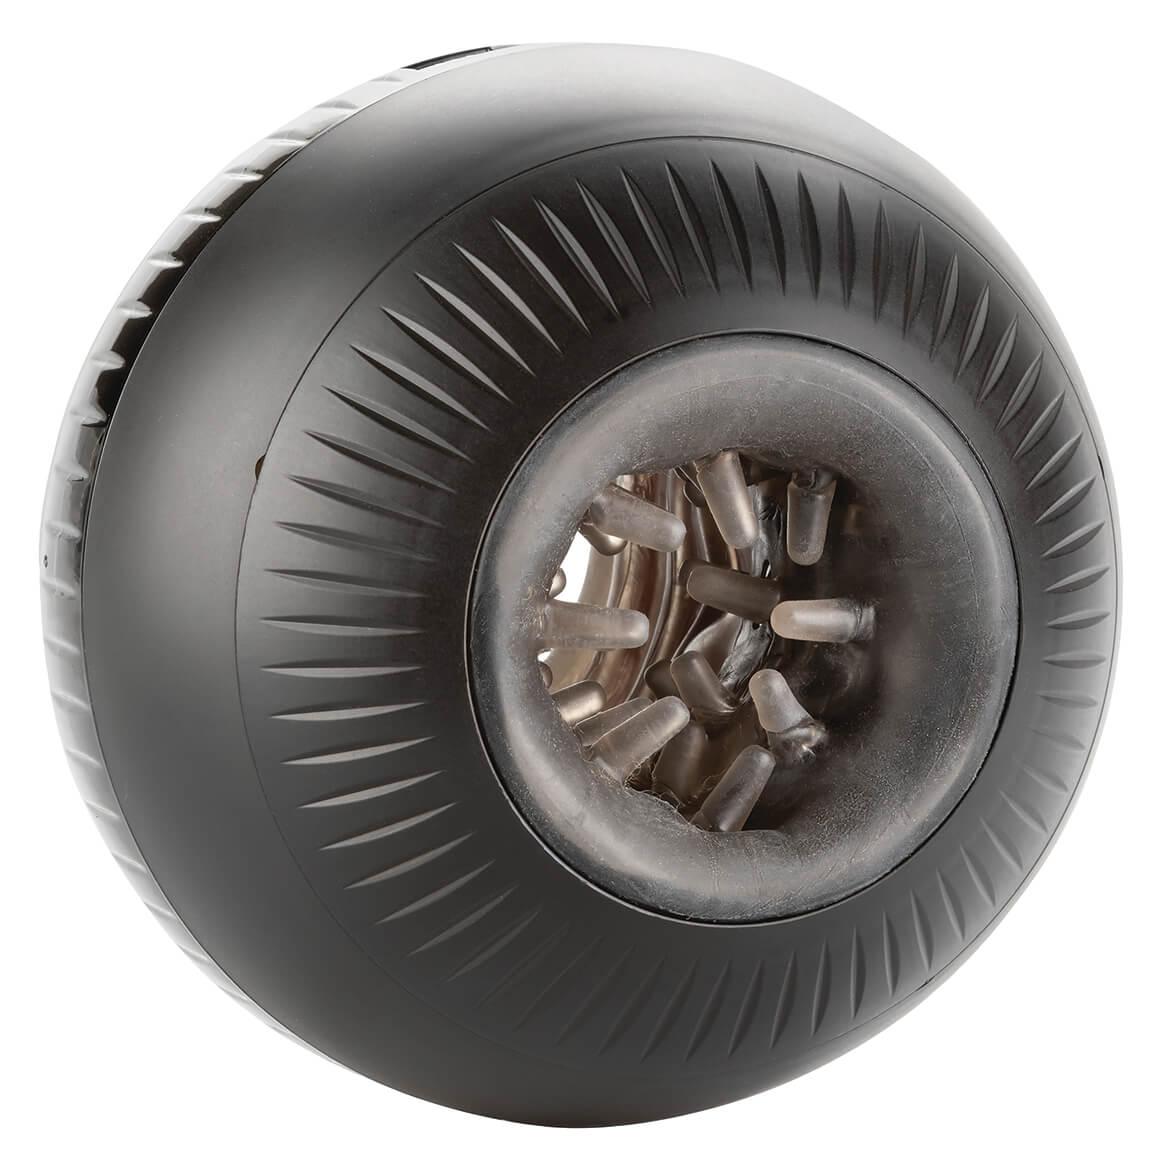 Optimum Power® Masturball™-369237